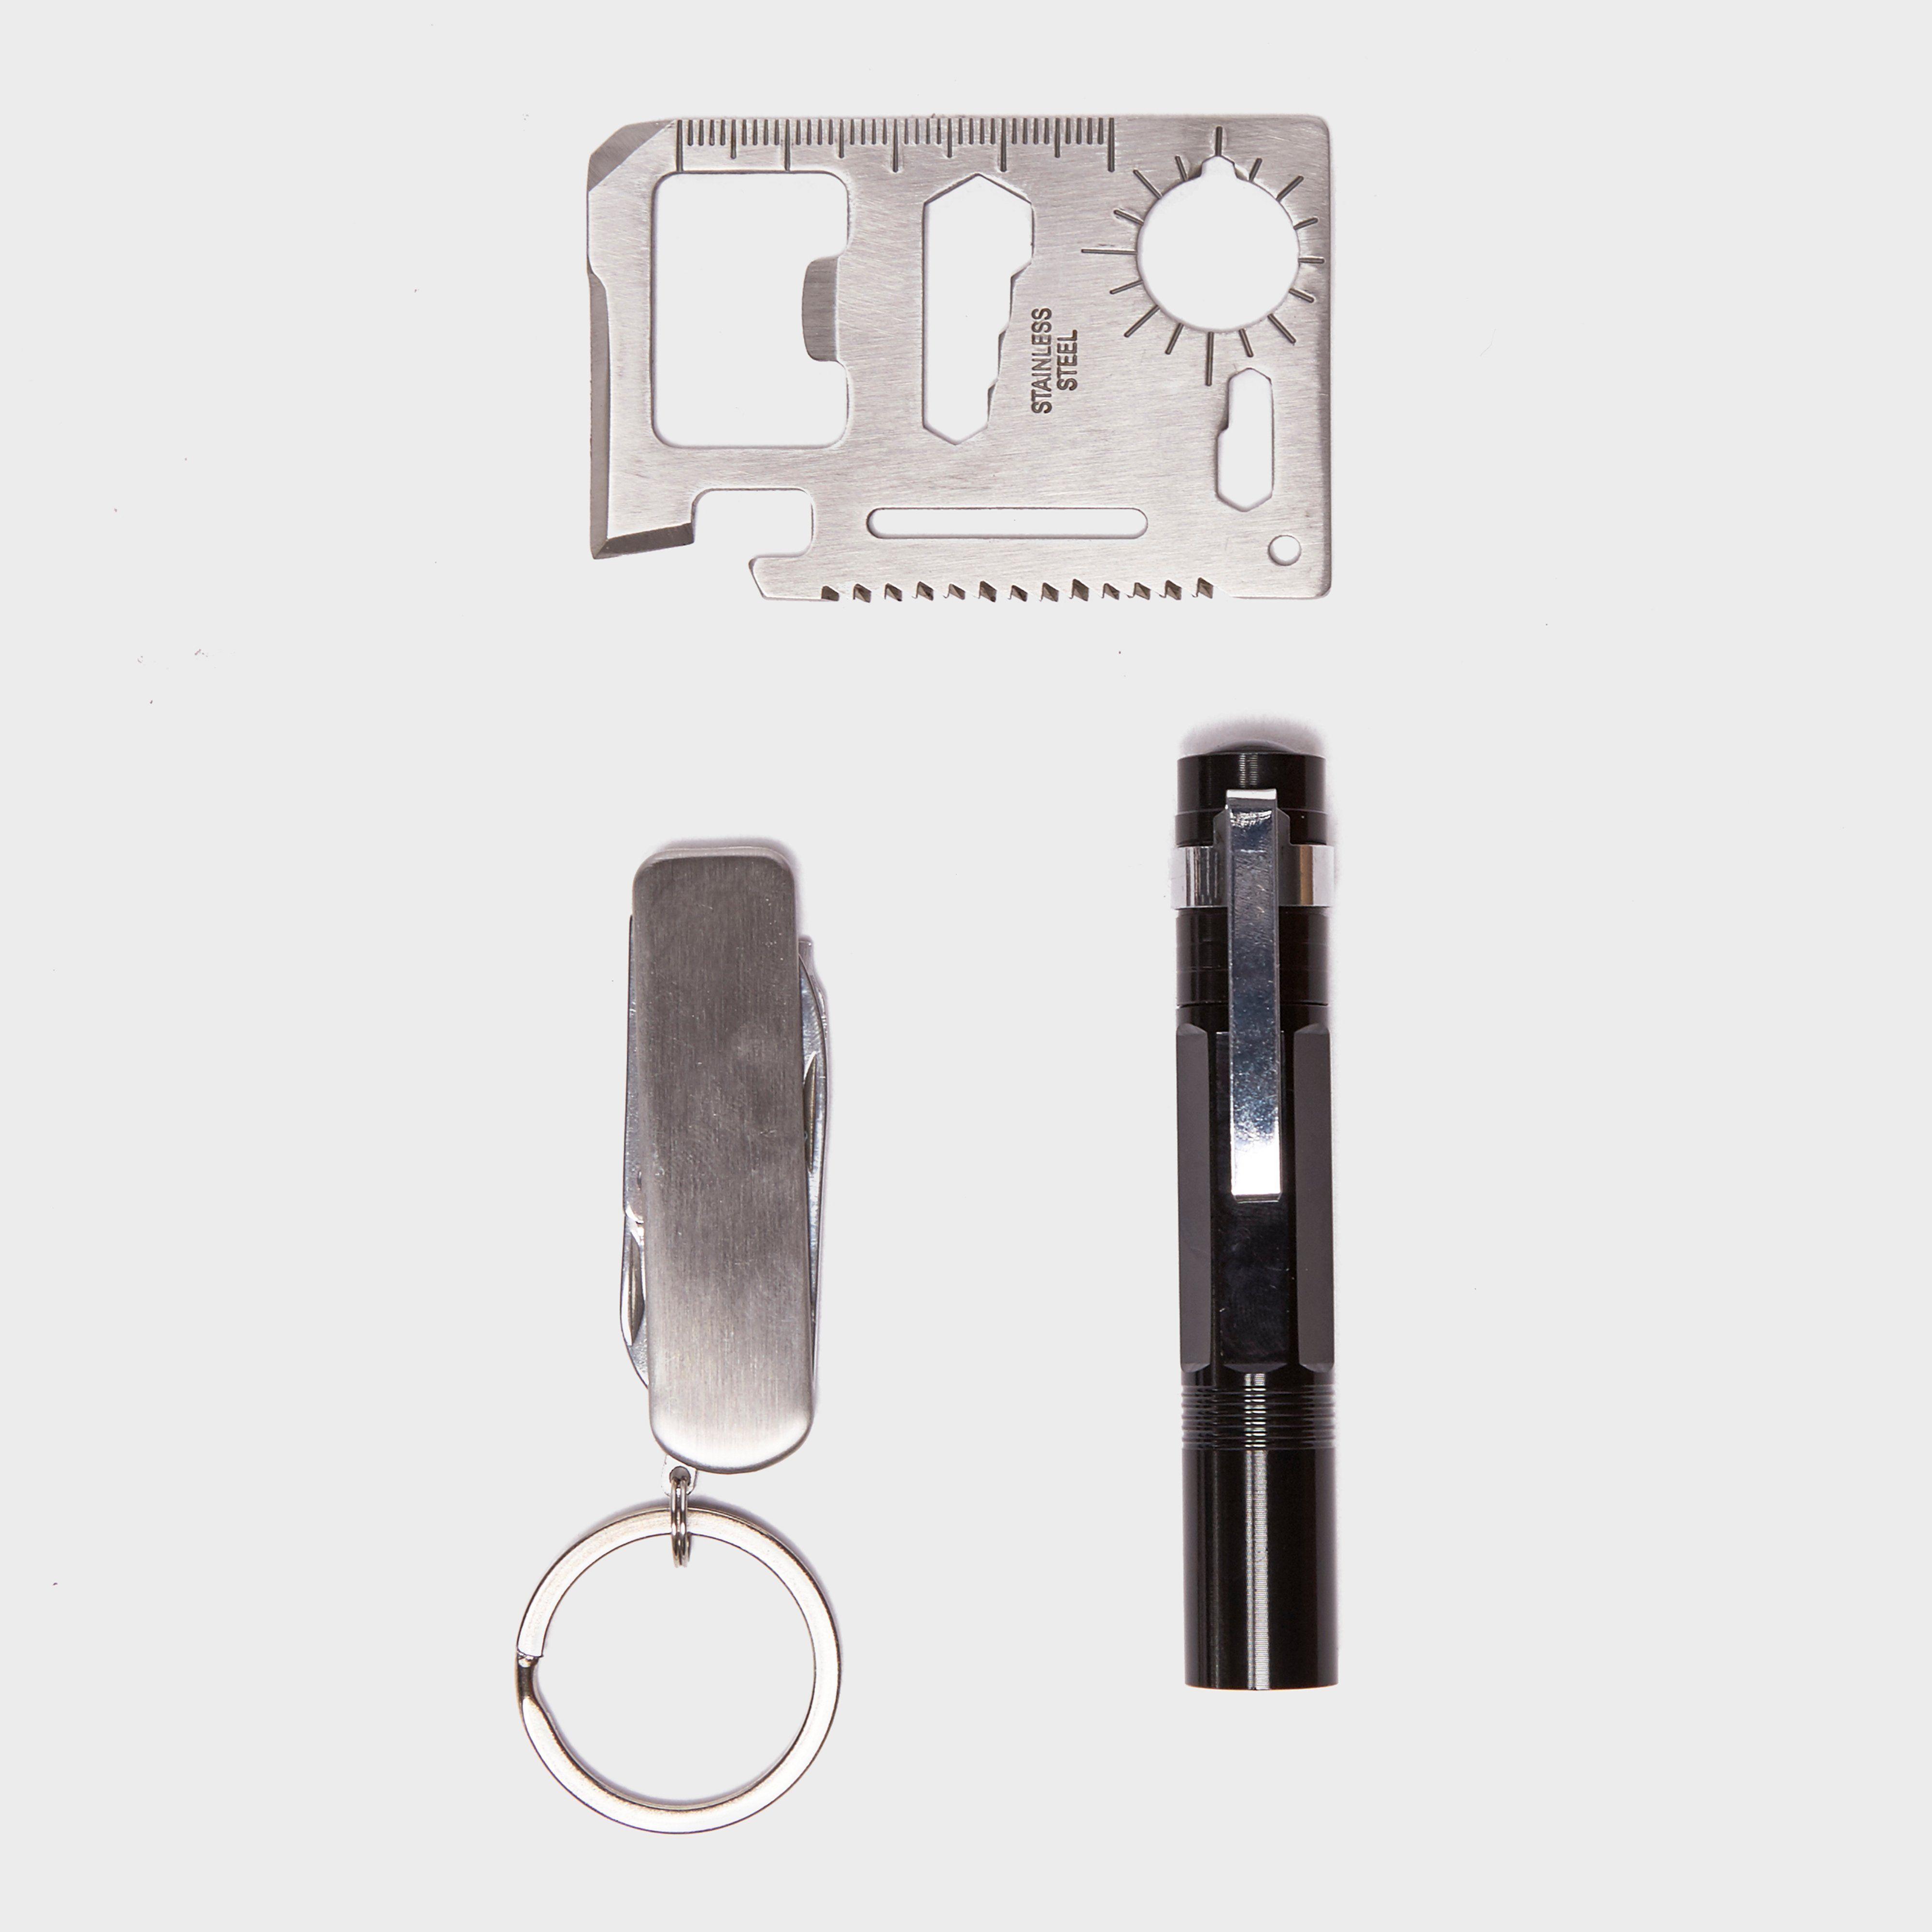 EUROHIKE Micro Giftset